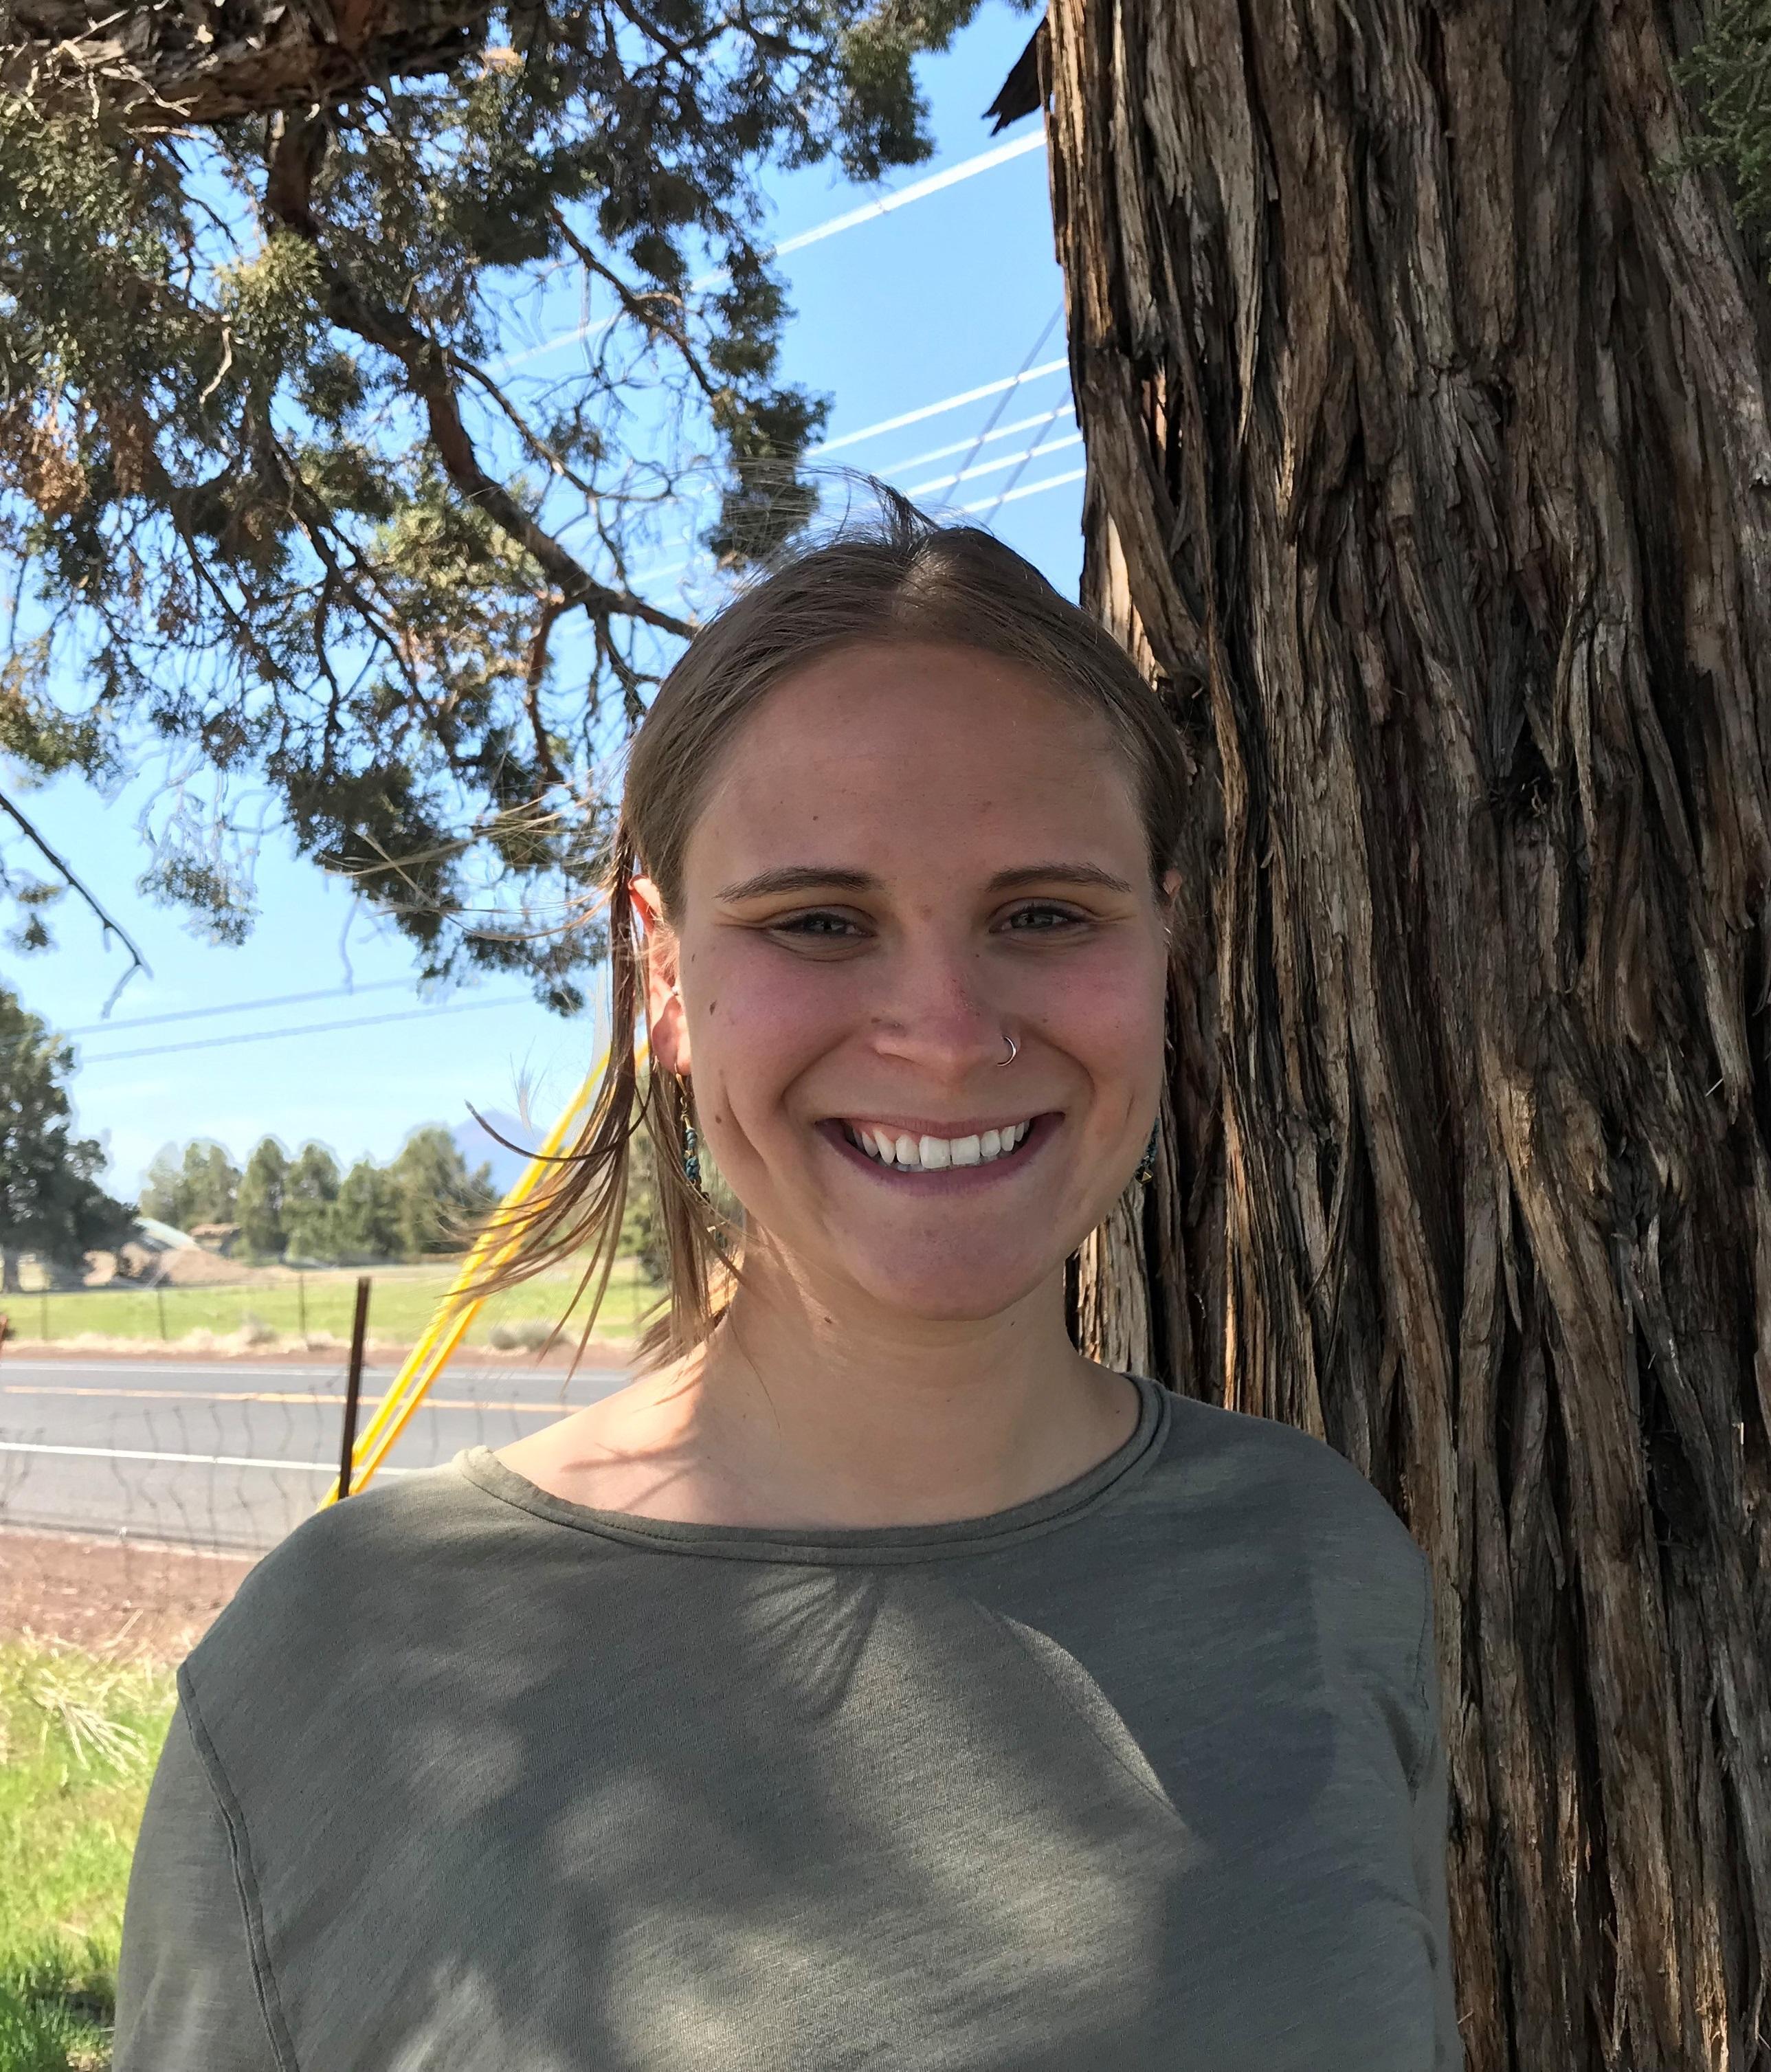 Katie Mahaffie